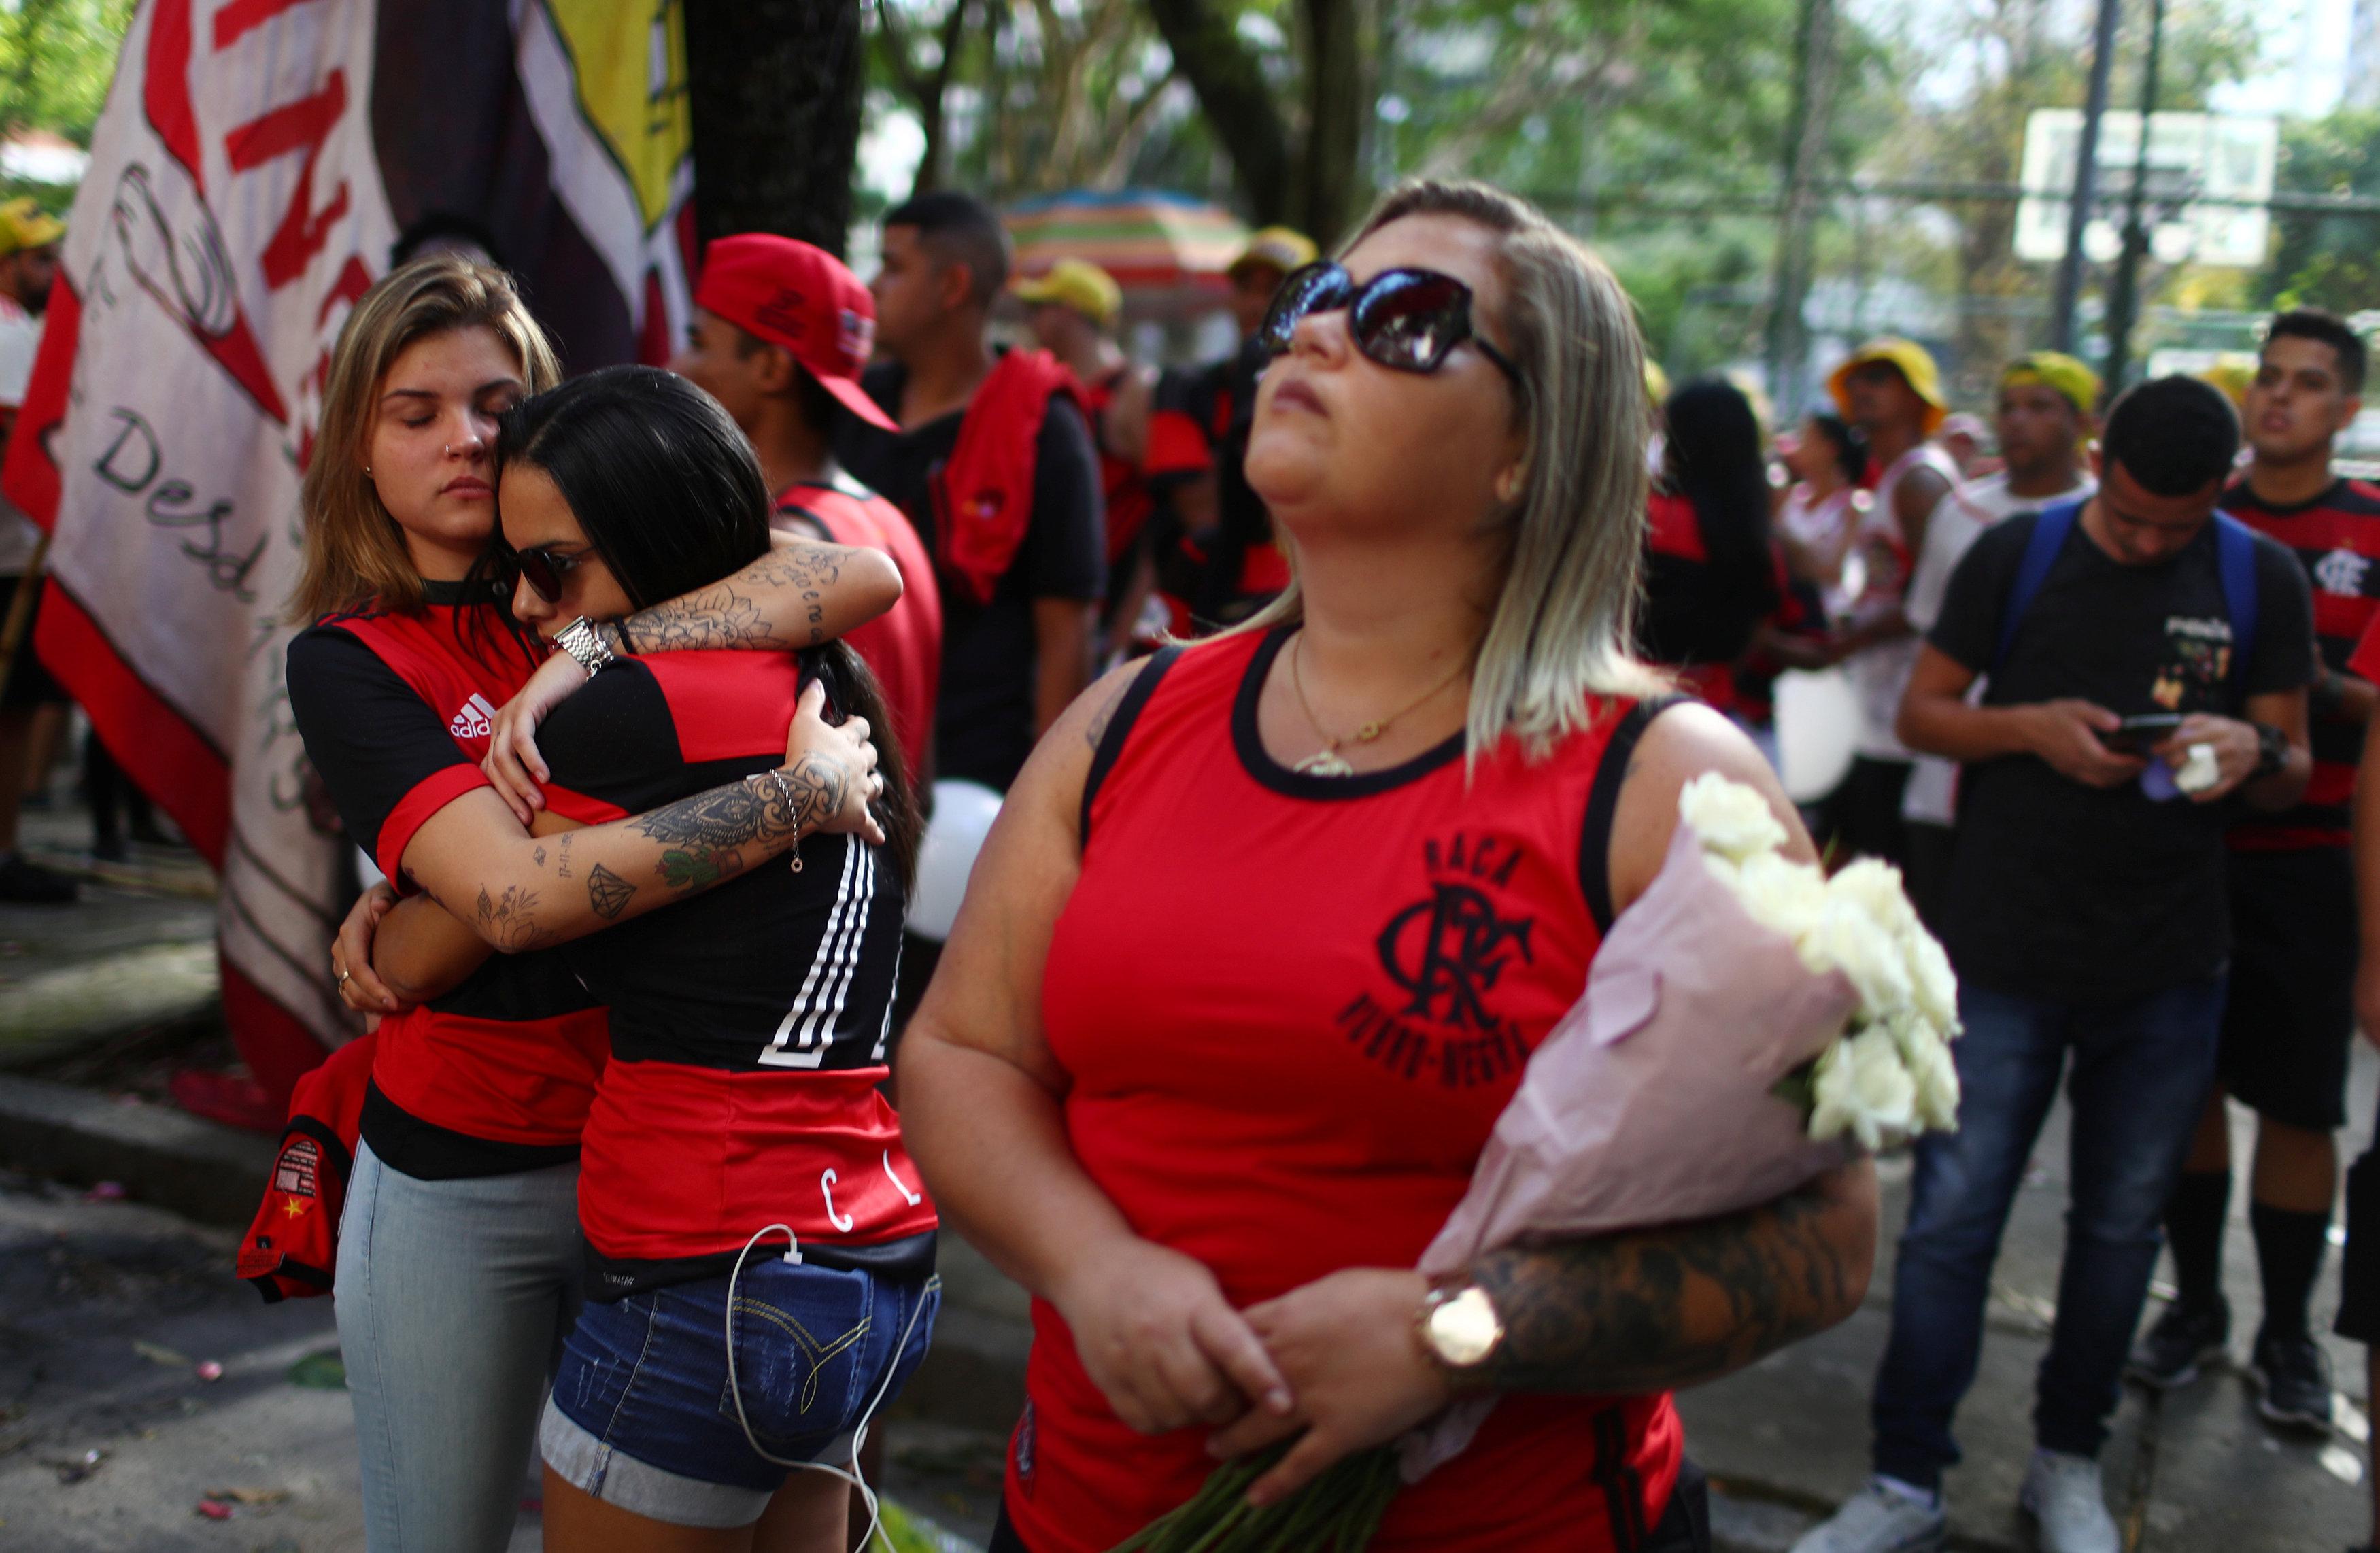 تشييع جثامين قتلى حريق مركز تدريب نادى فلامنجو البرازيلى (6)